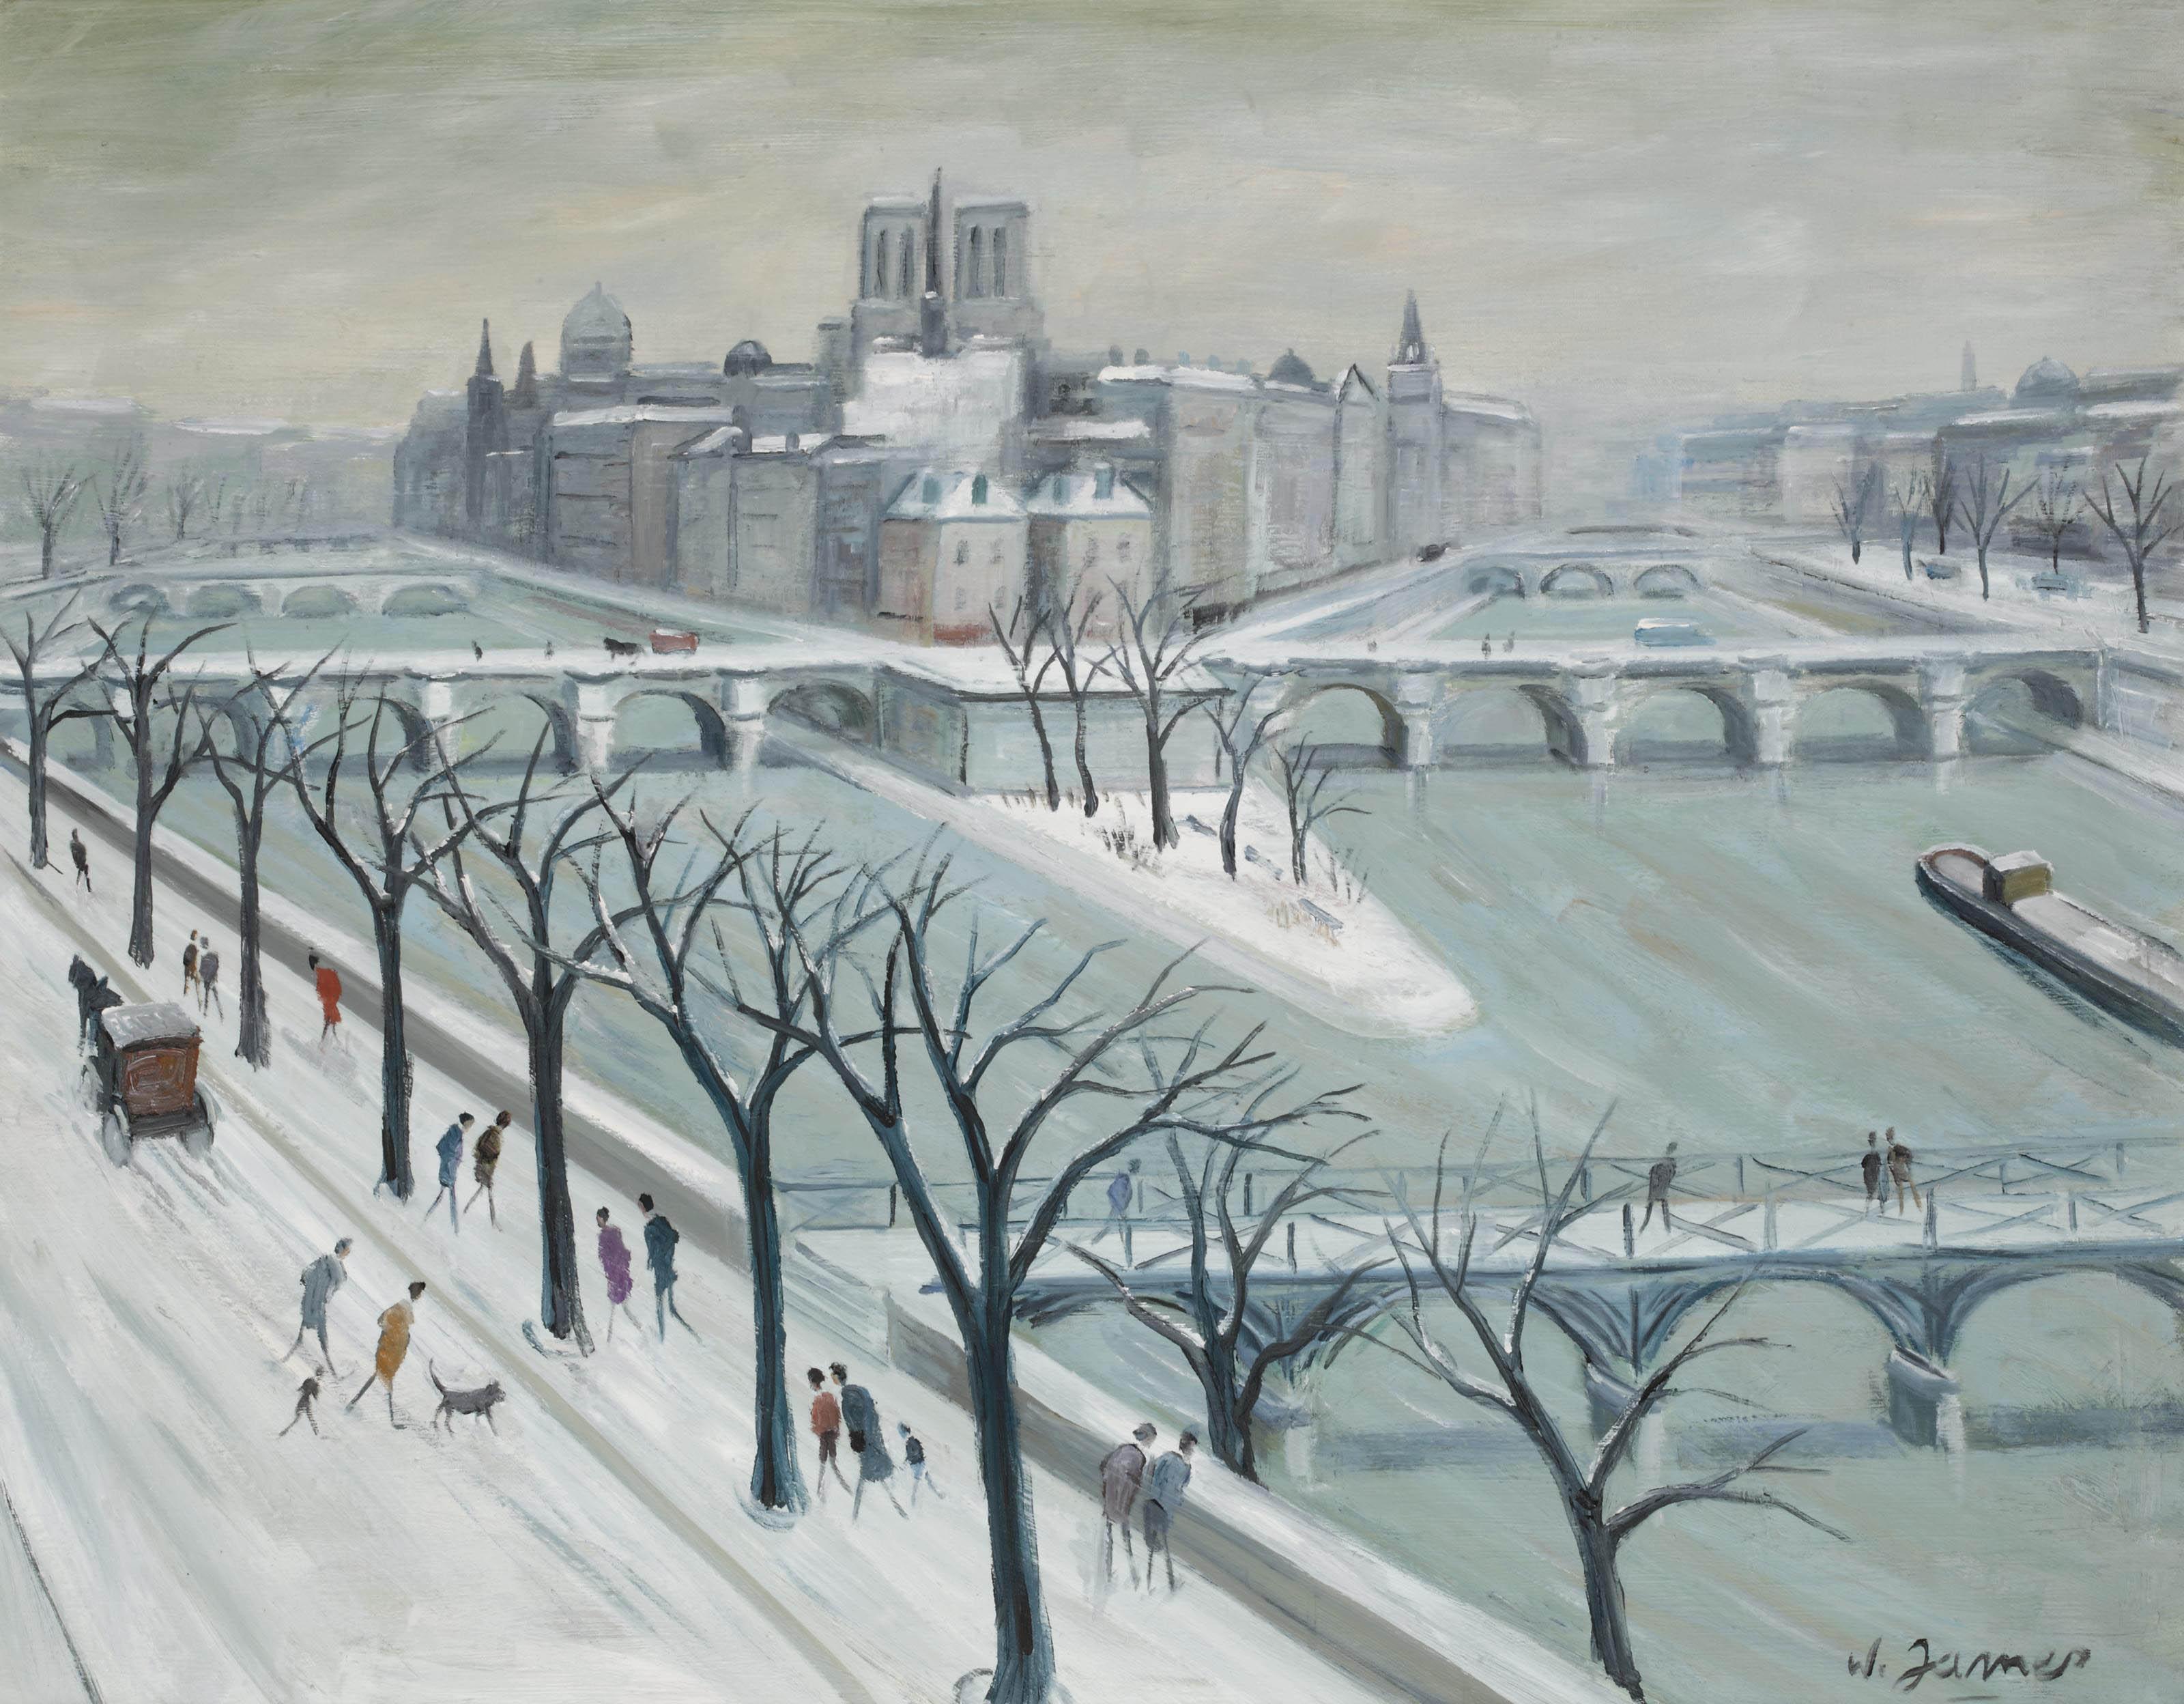 L'île St-Louis sous la neige, Paris